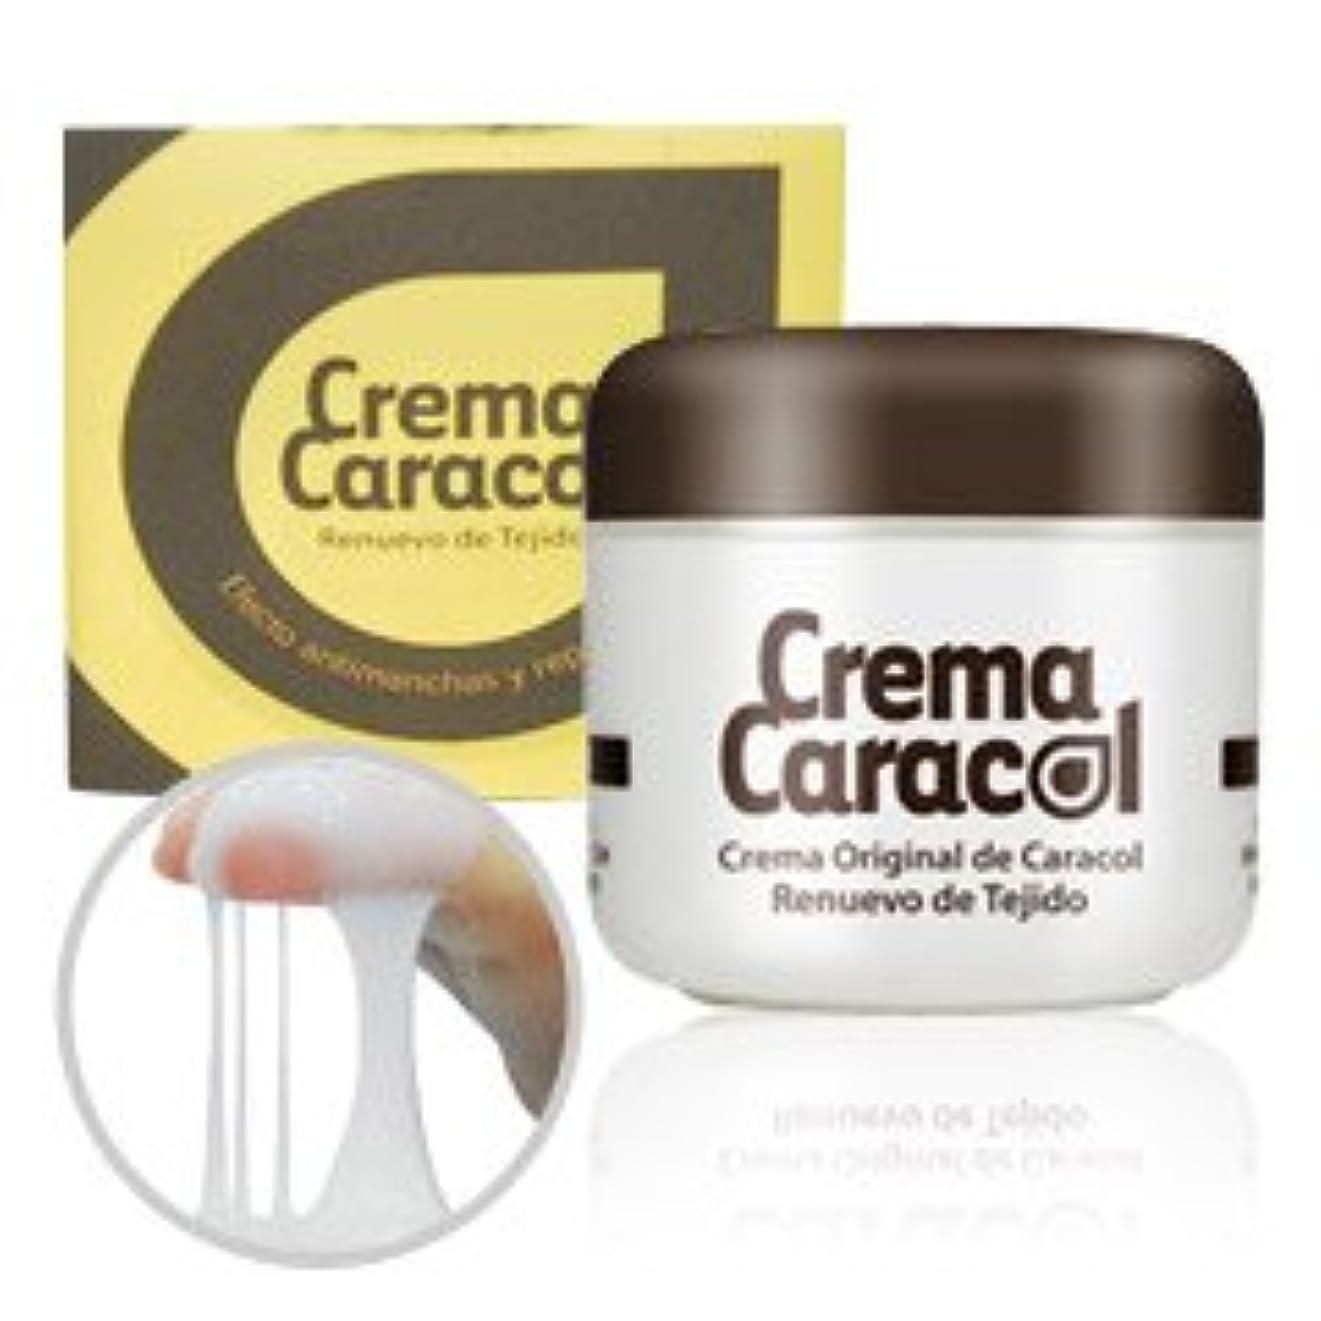 相関するまっすぐ思いやりのあるcrema caracol(カラコール) かたつむりクリーム 3個セット